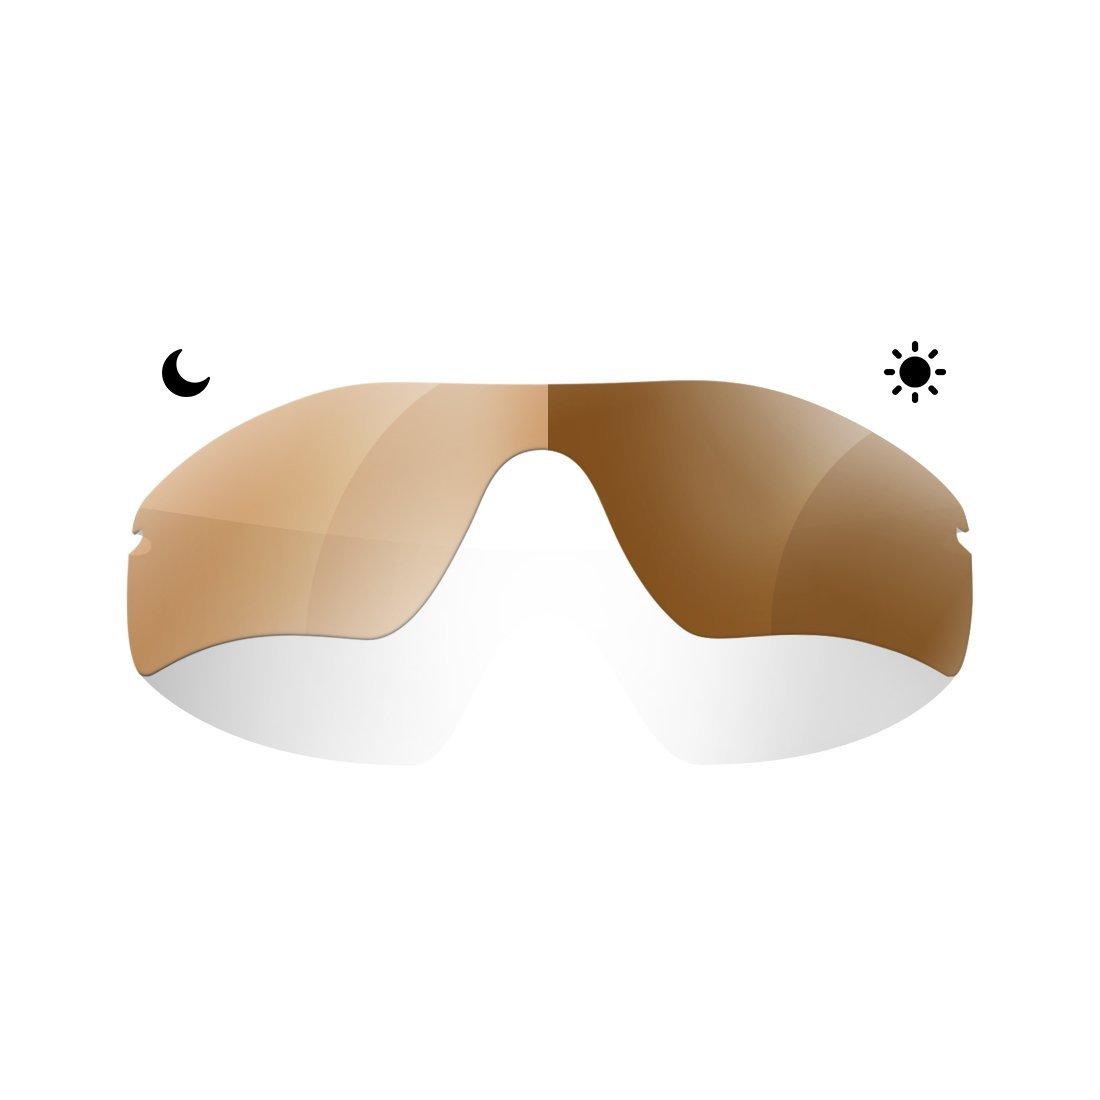 452c31099b96f sunglasses restorer Lentes Fotocromatica Marron 30-45%de Recambio para  Oakley Radar Path  Amazon.es  Ropa y accesorios